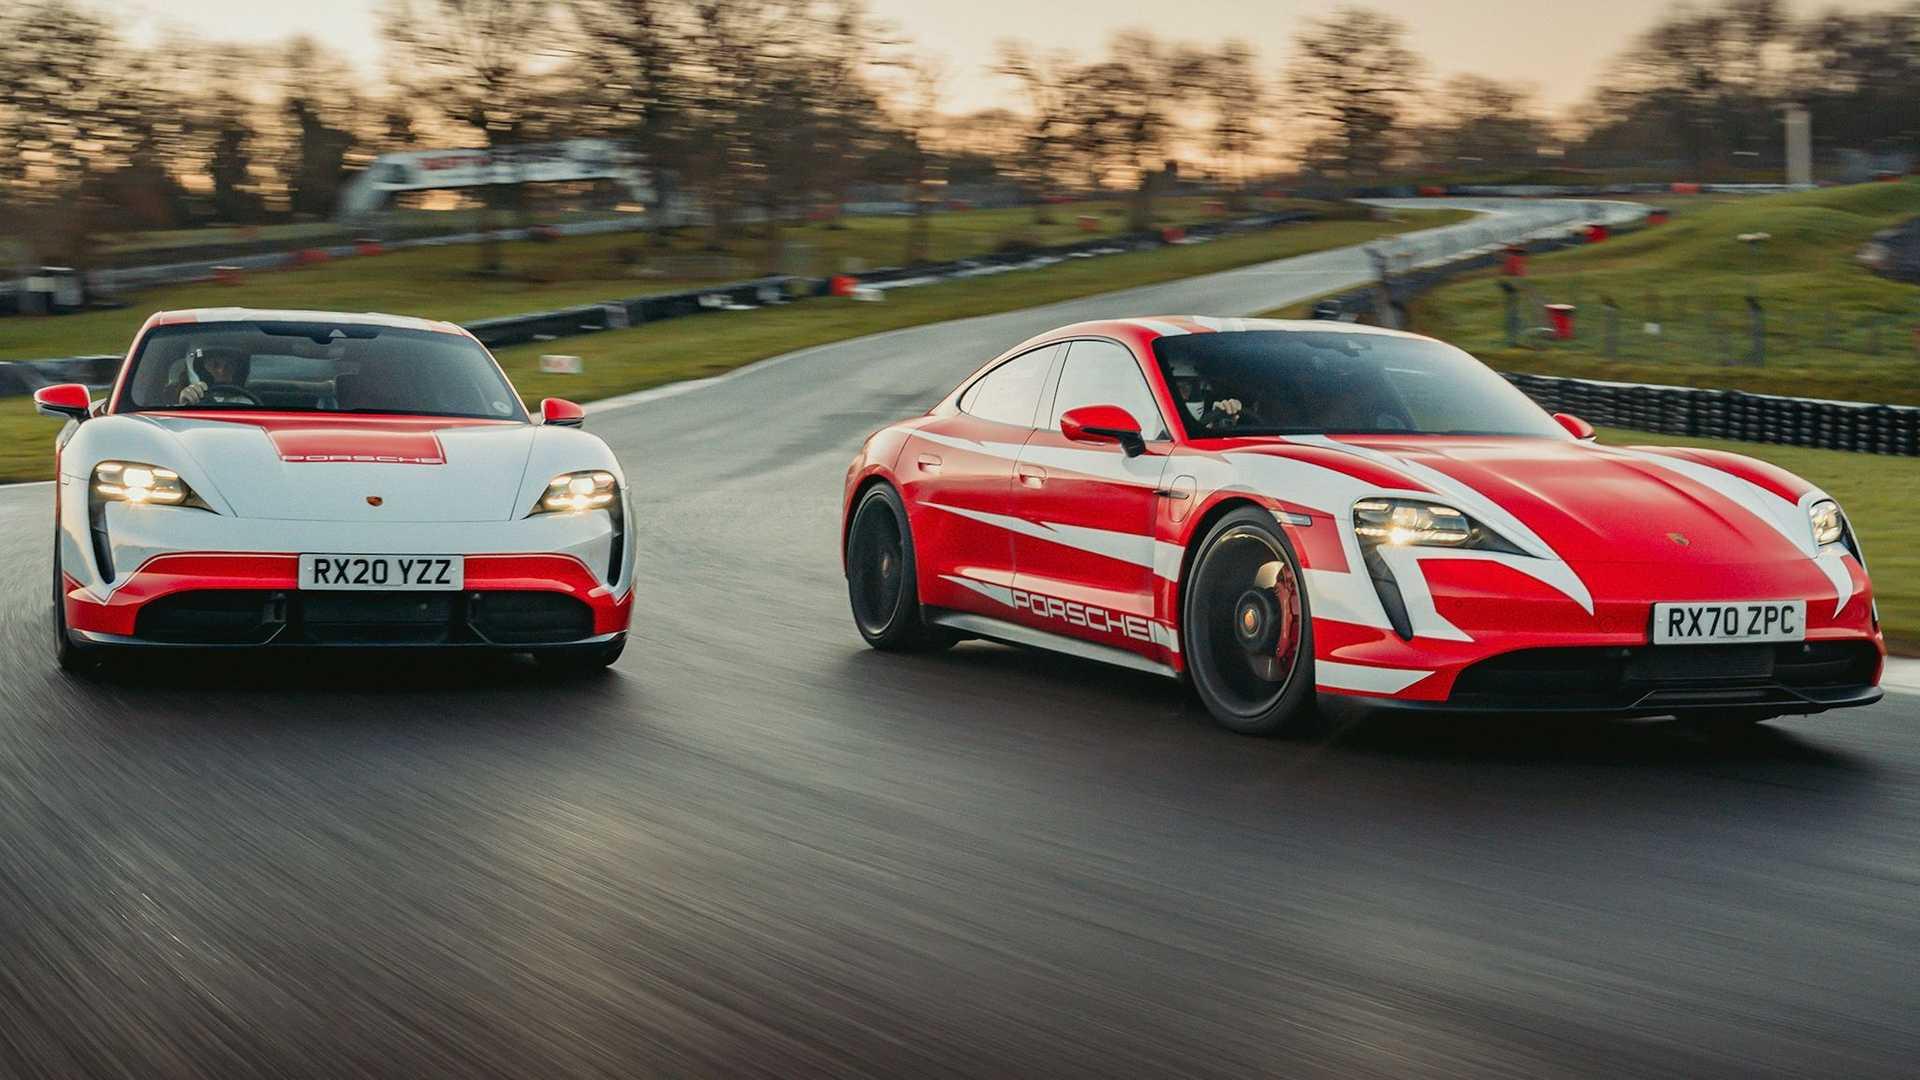 Porsche-Taycan-At-Brands-Hatch-Circuit-8